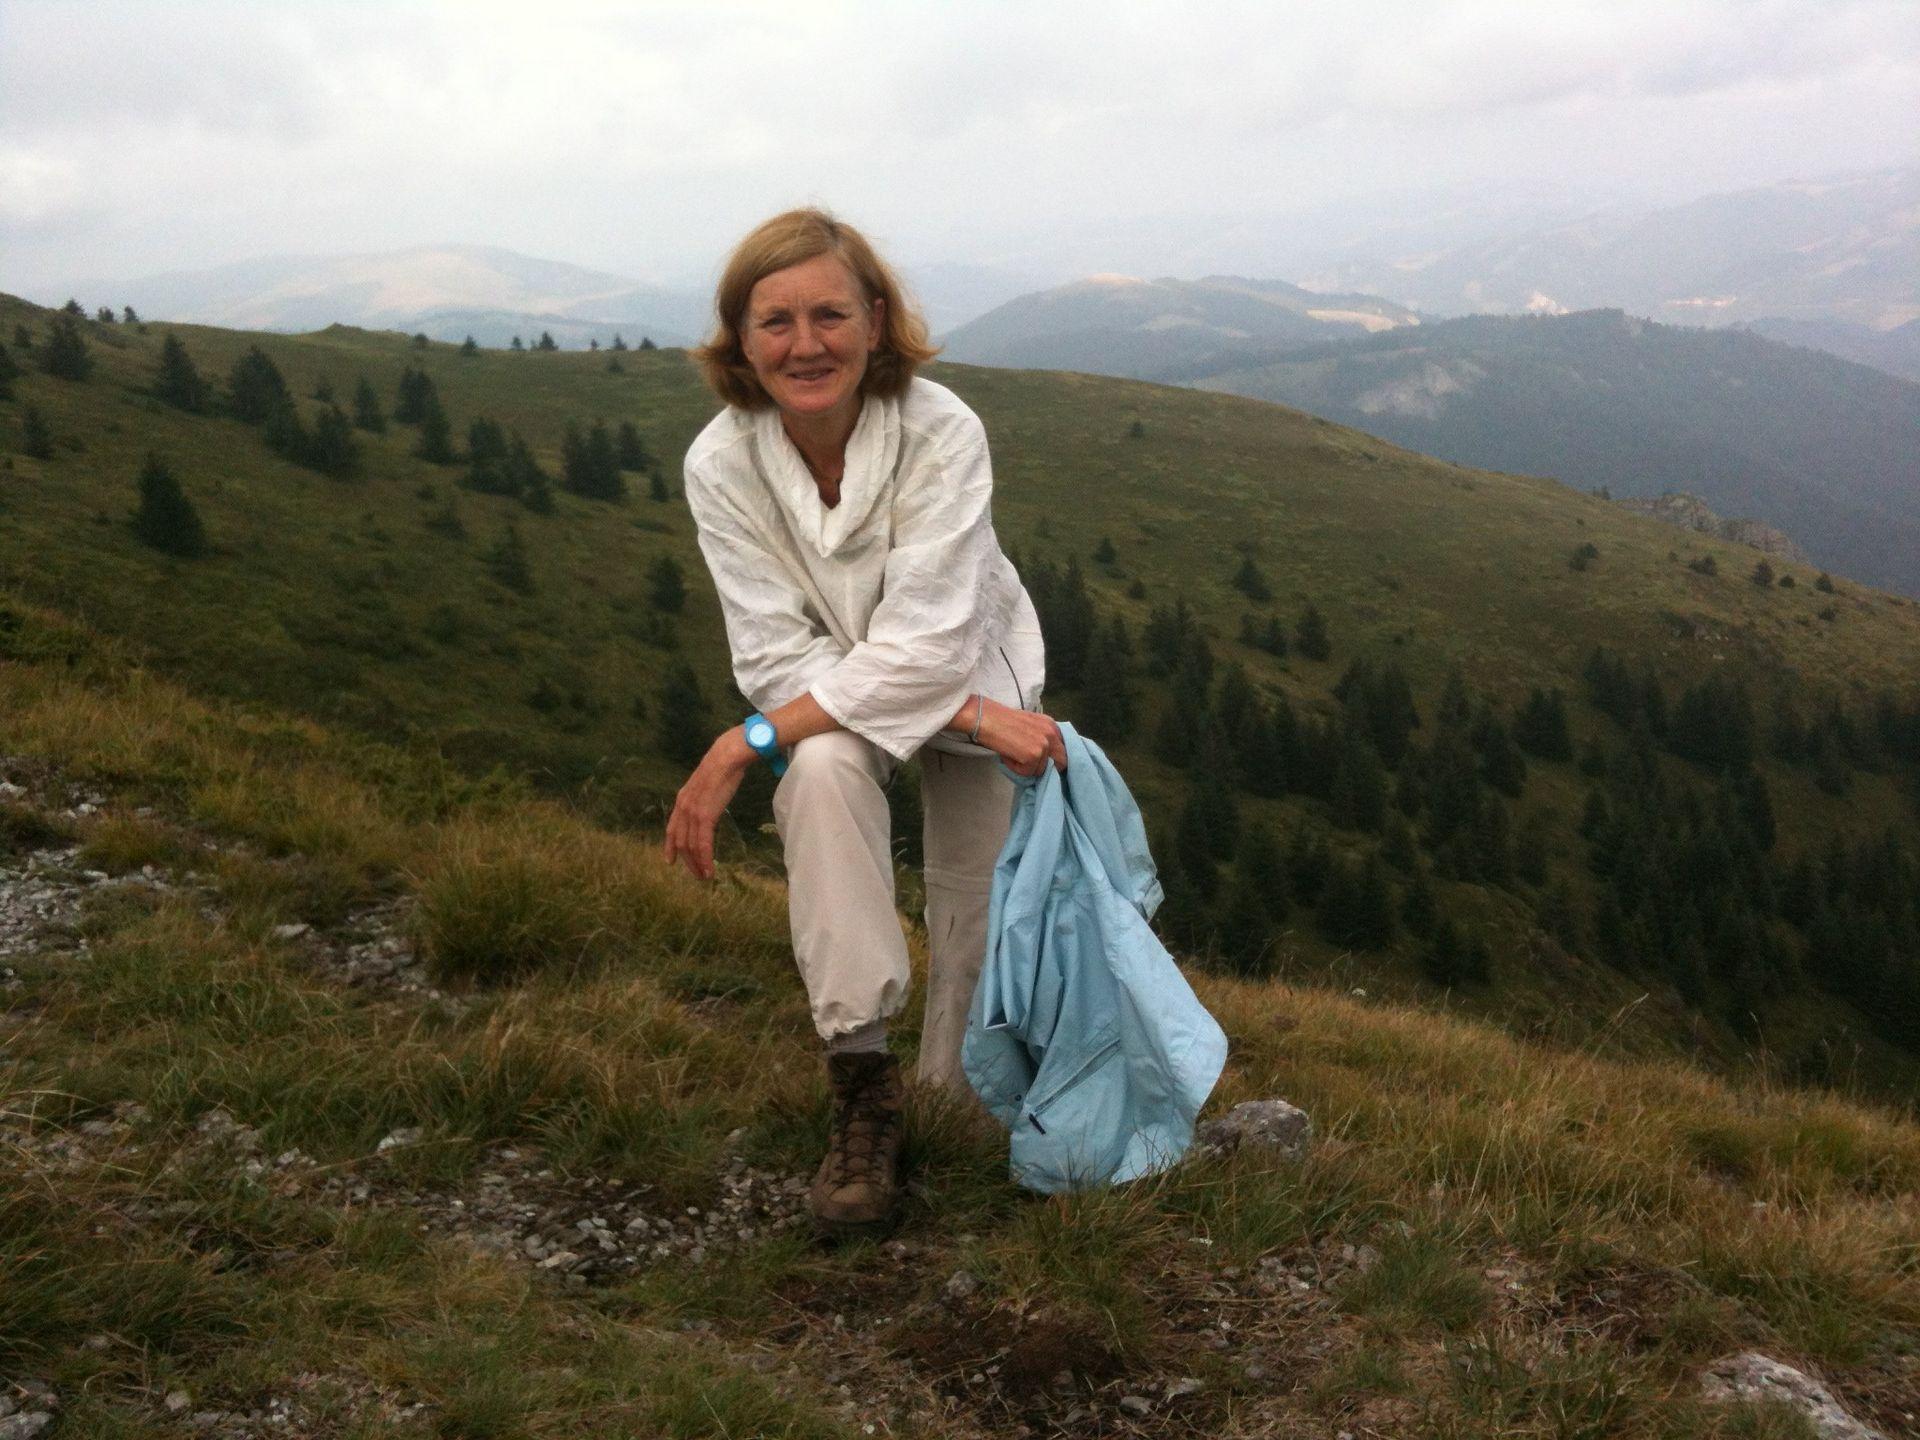 Winny organiseert en begeleidt ruim 20 jaar culturele reizen met als bijzondere voorliefde boedapest en hongarije geboeid door dit van oorsprong